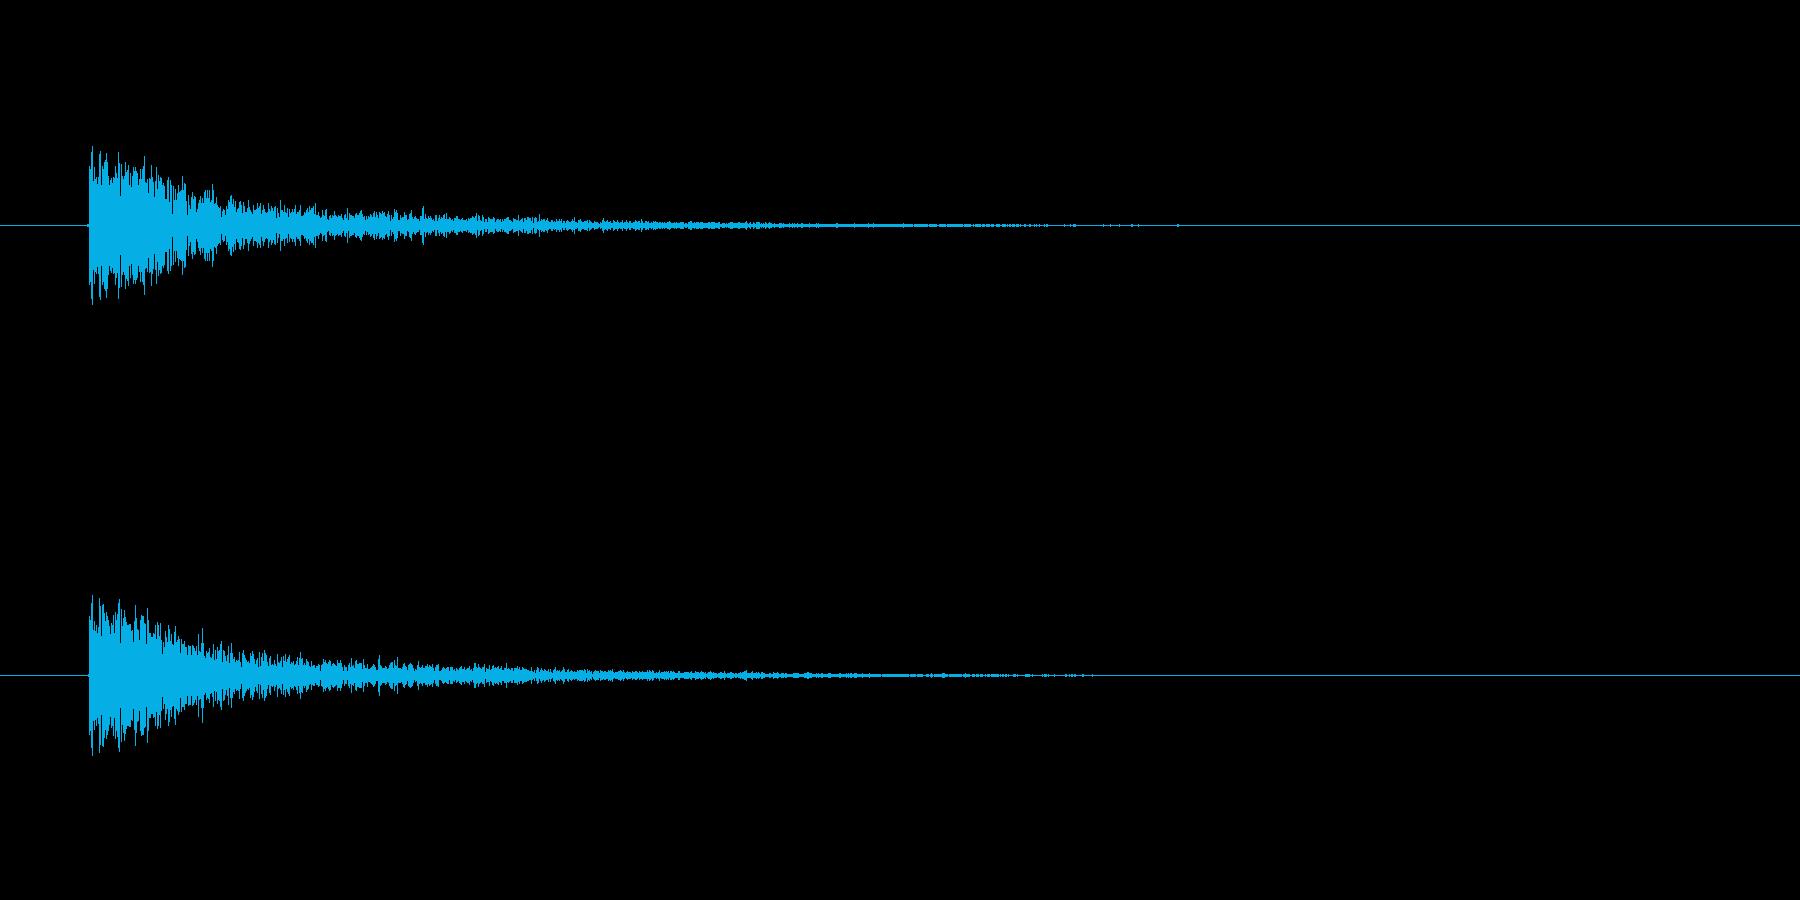 【カスタネット02-8】の再生済みの波形